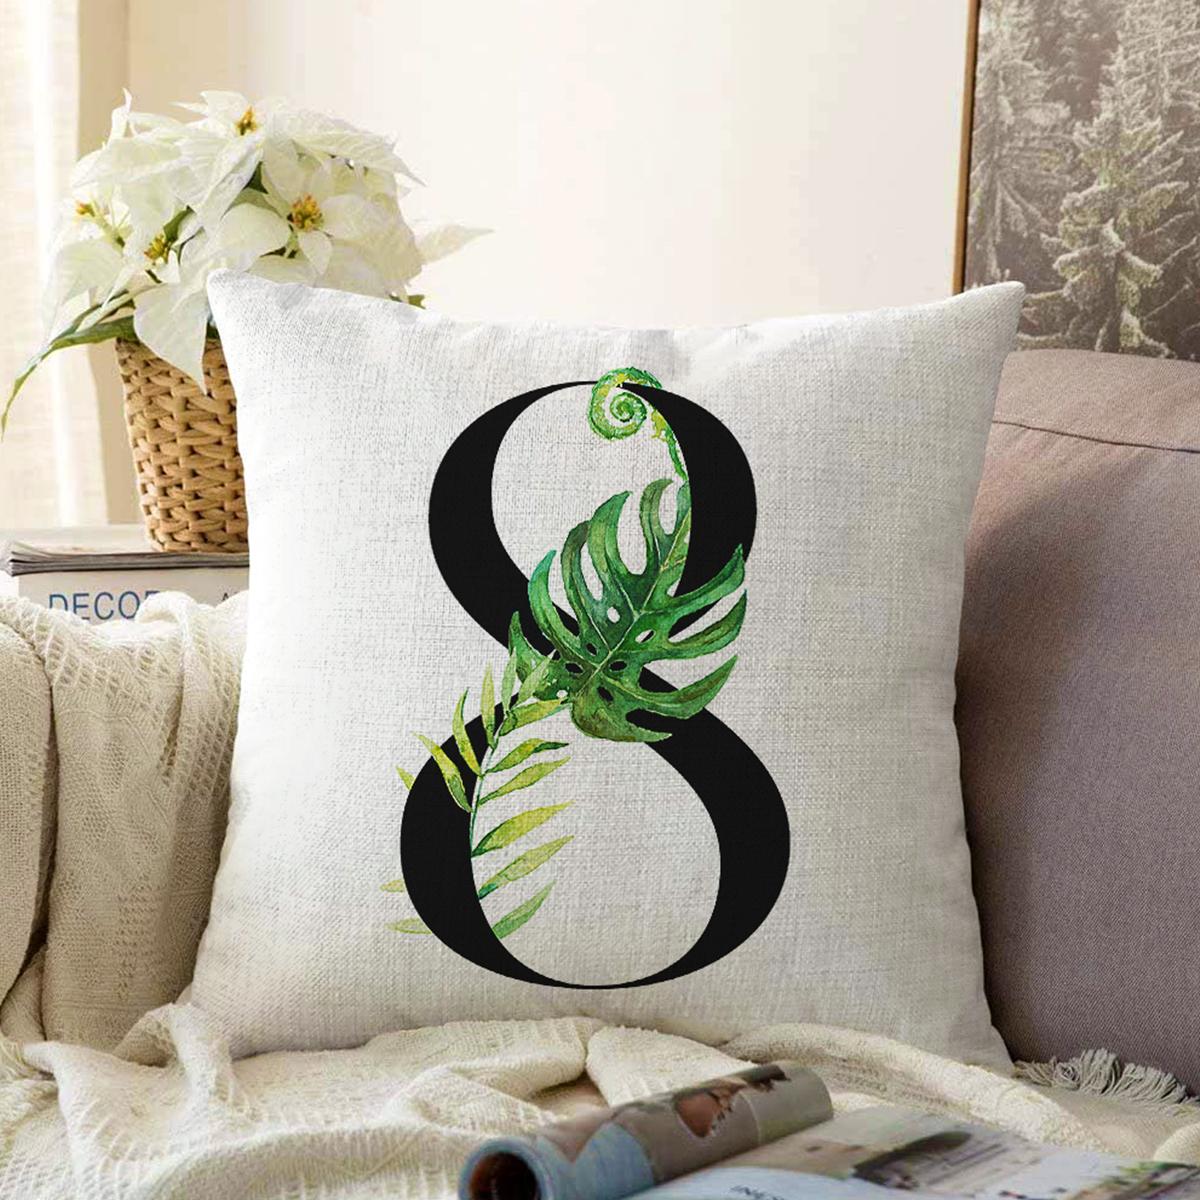 Beyaz Zemin Yaprak Motifli Siyah 8 Rakamı Özel Tasarım Dijital Baskılı Şönil Yastık Kırlent Kılıfı Realhomes